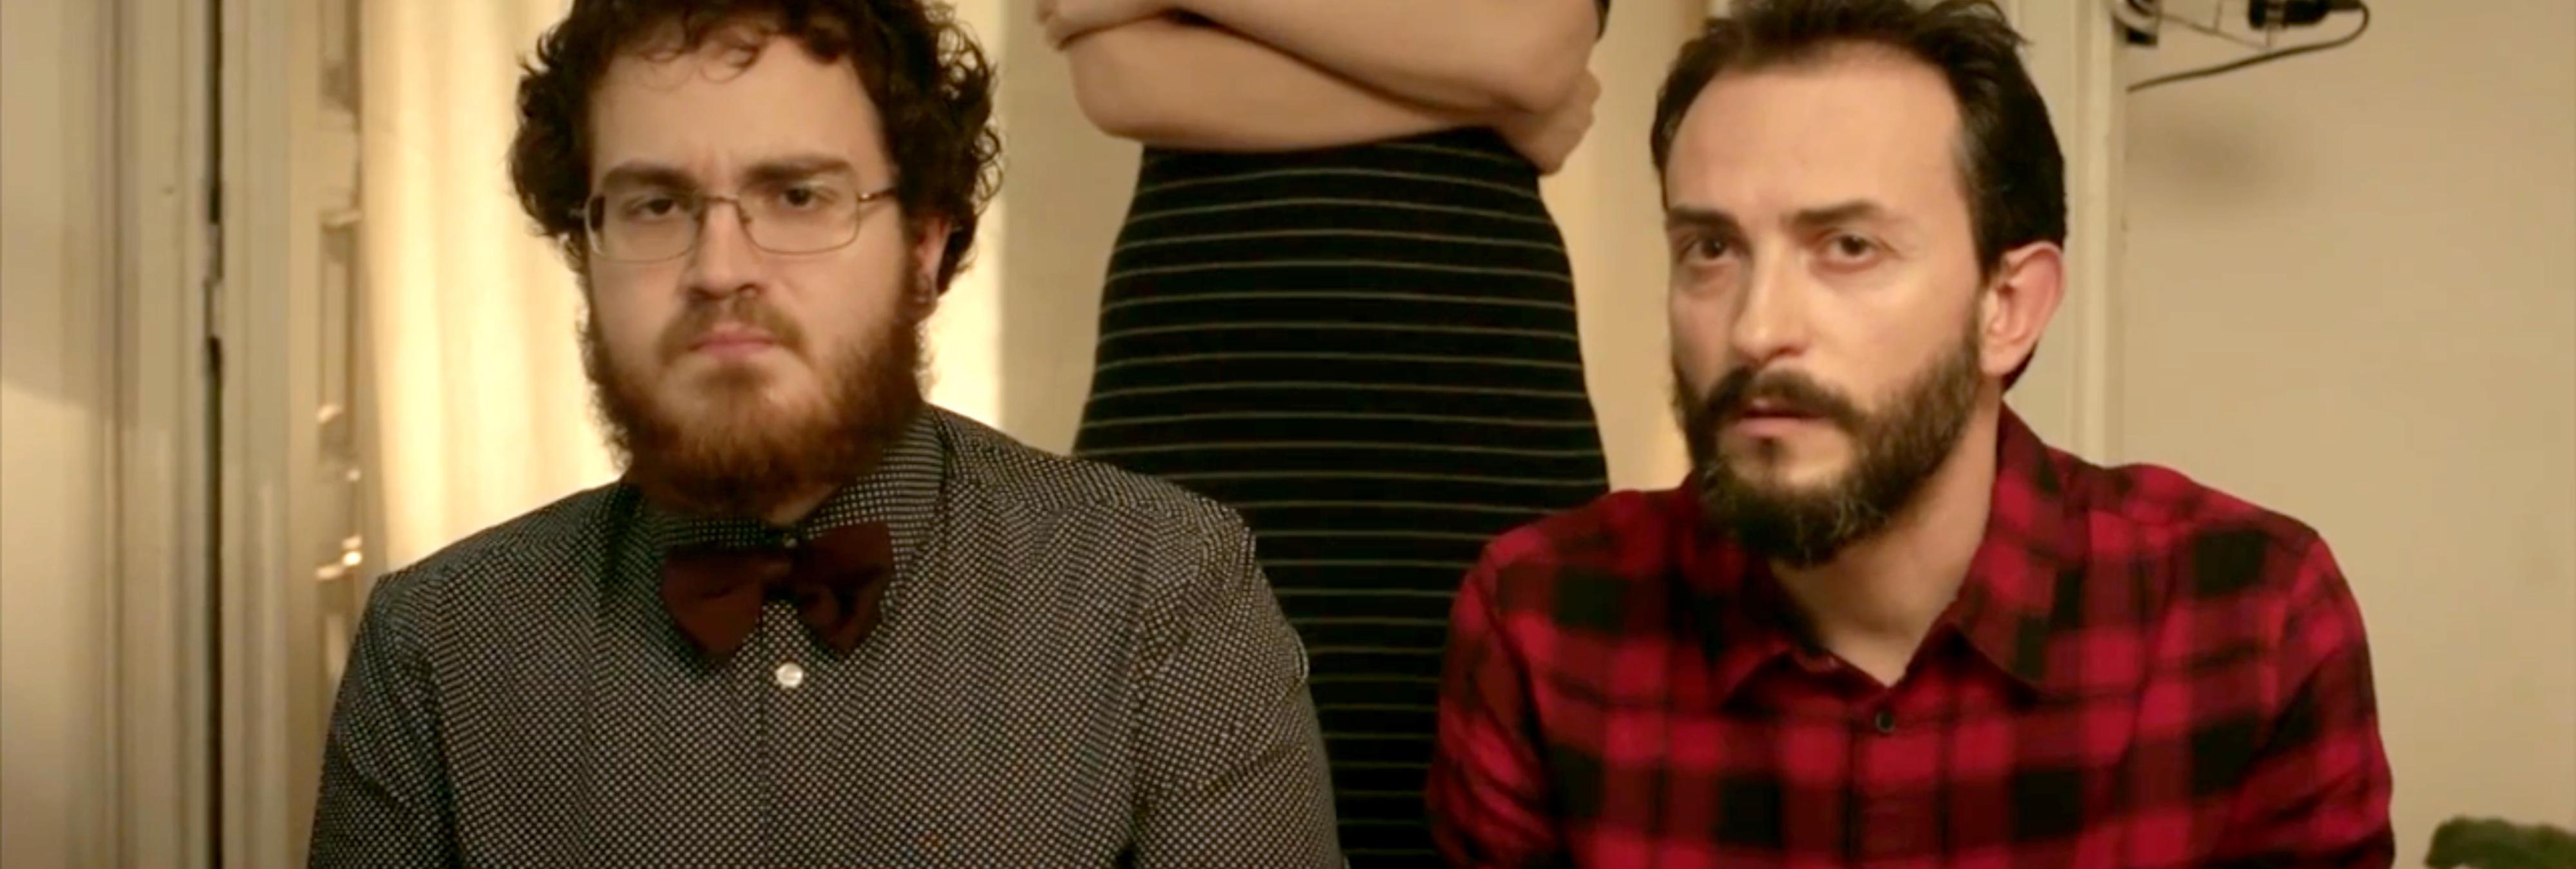 El PP lanza un nuevo vídeo para captar el voto hipster